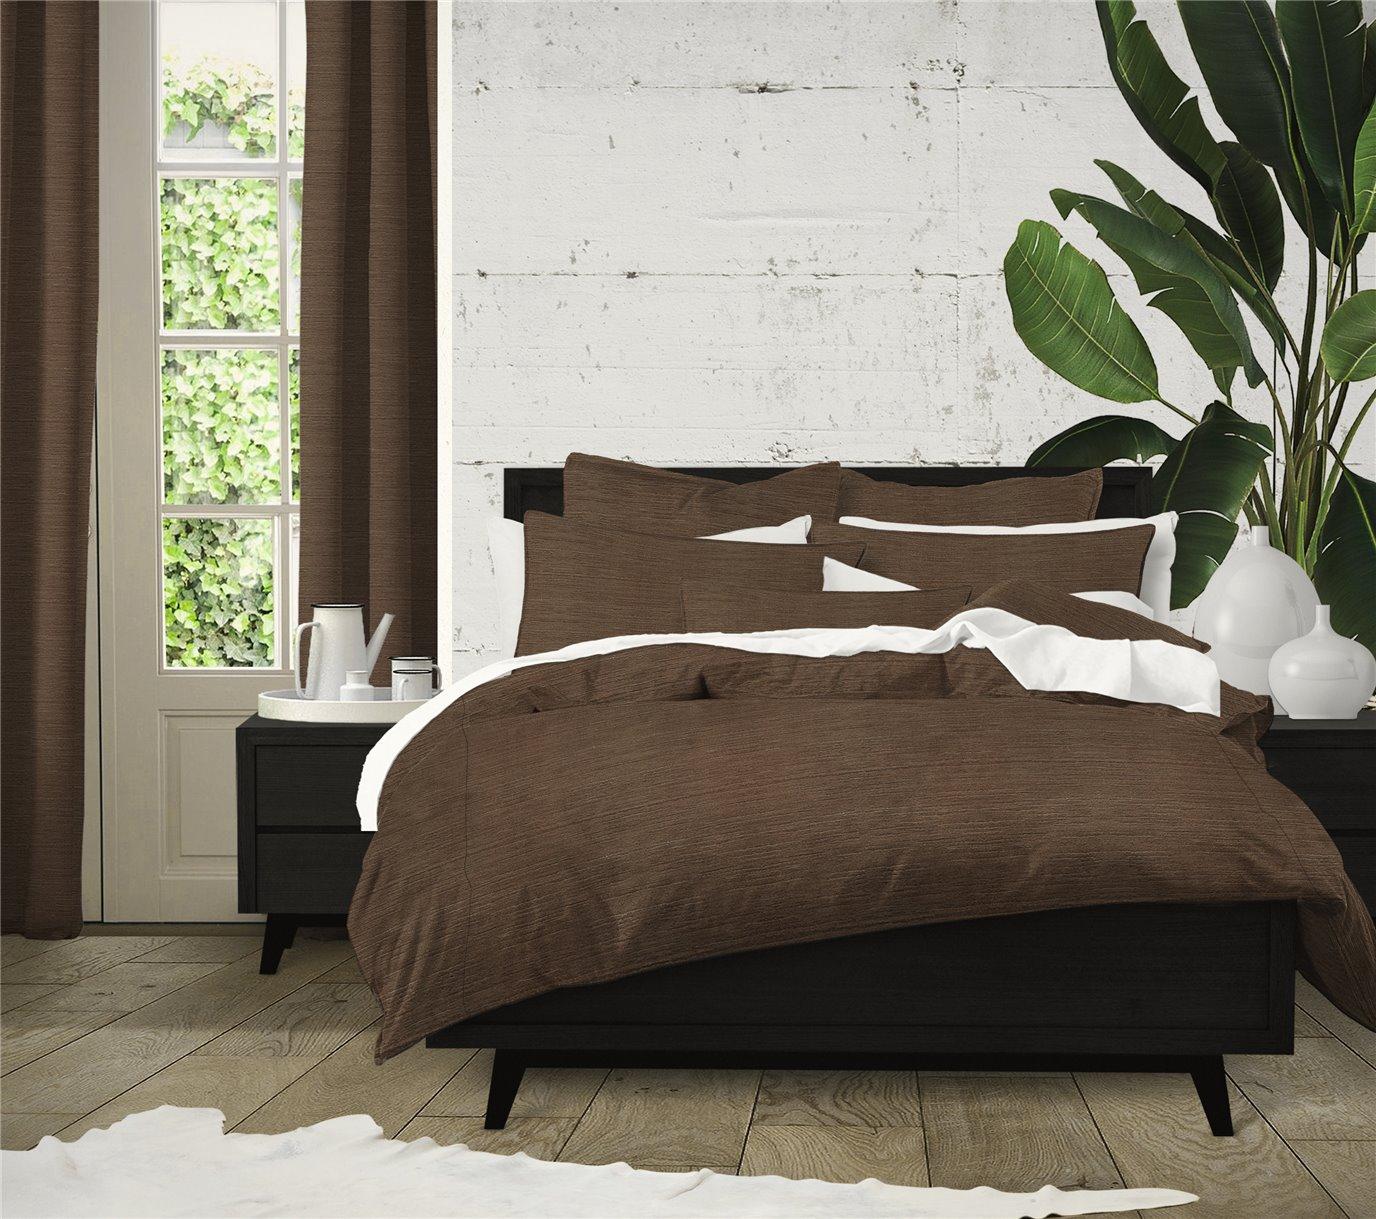 McGregor Chocolate Comforter Set - Queen